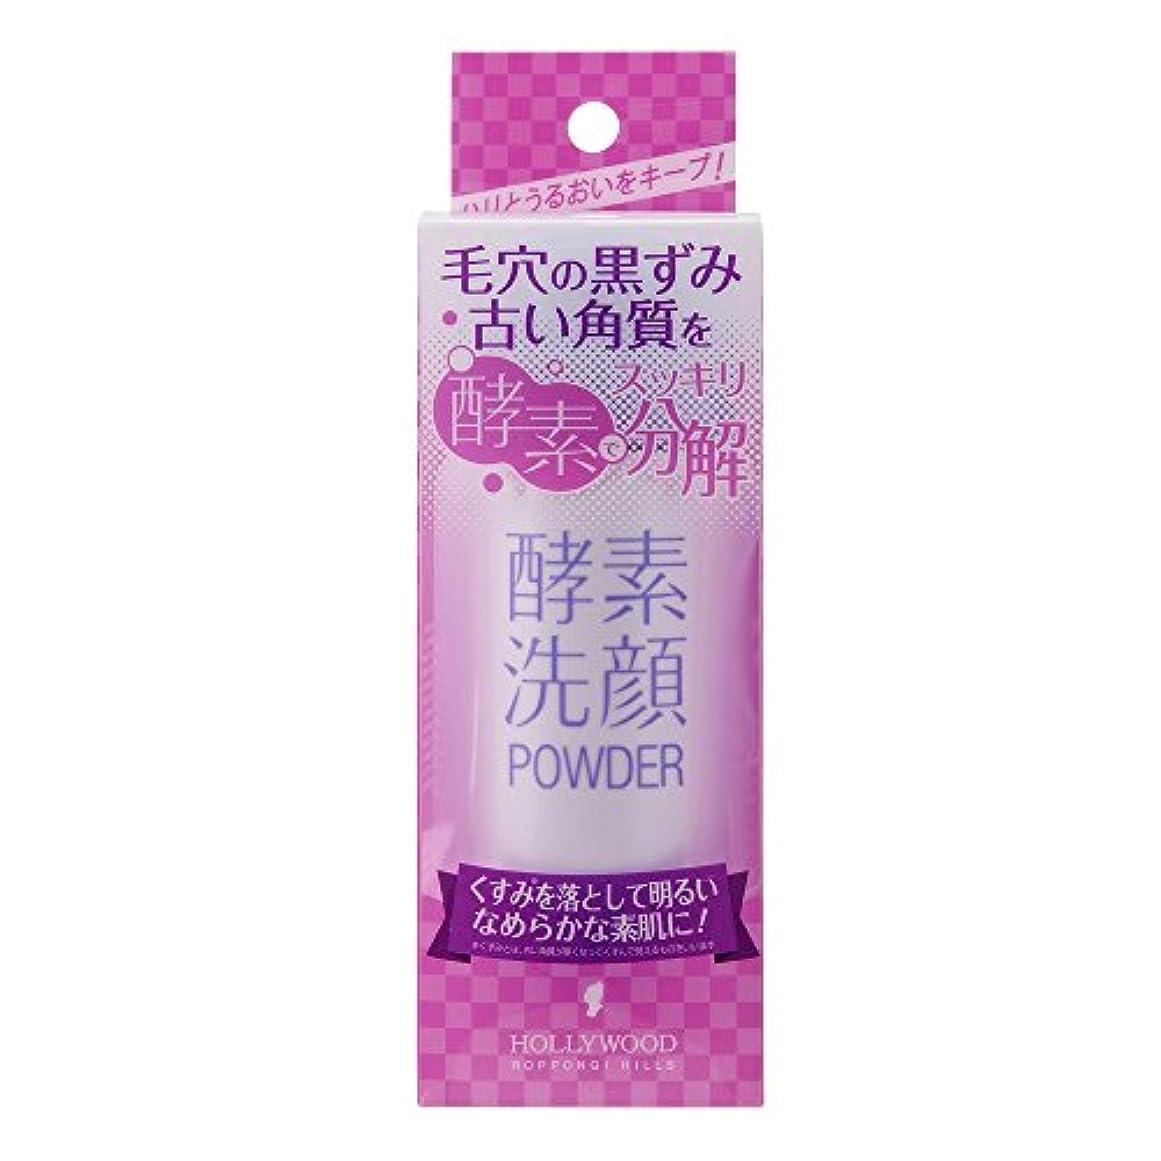 細菌取り扱いインレイハリウッド 洗顔パウダー 50G